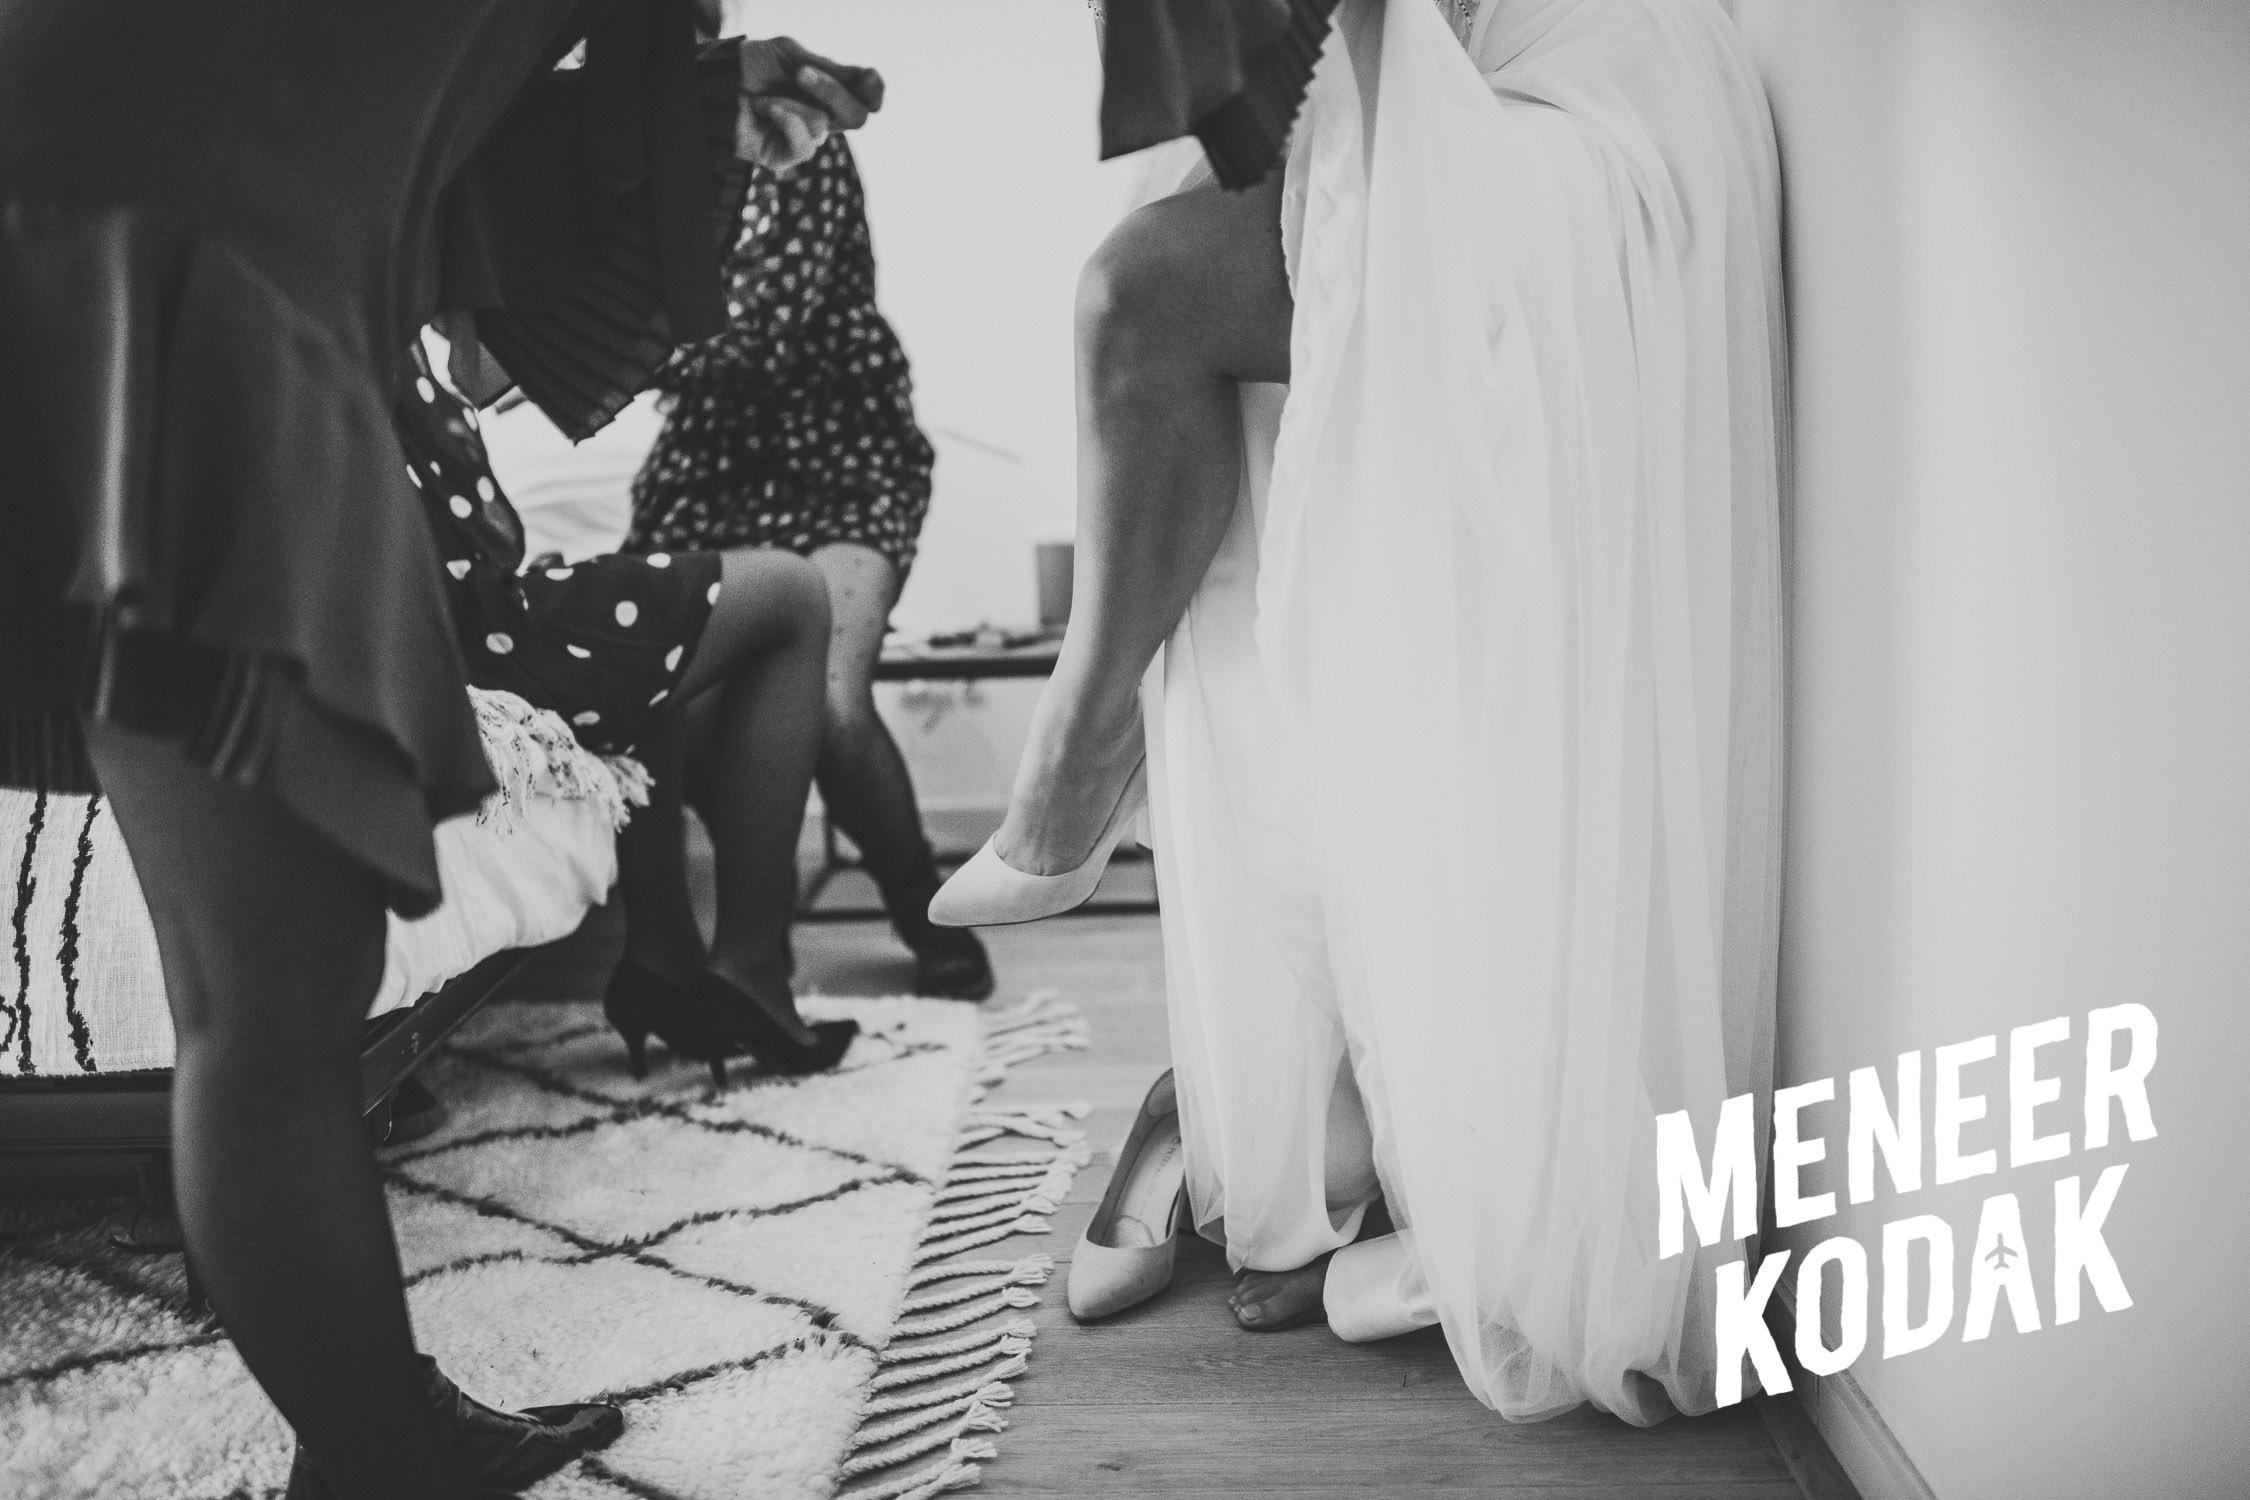 Meneer Kodak - Bruidsfotograaf - Breda - S&R-063.jpg